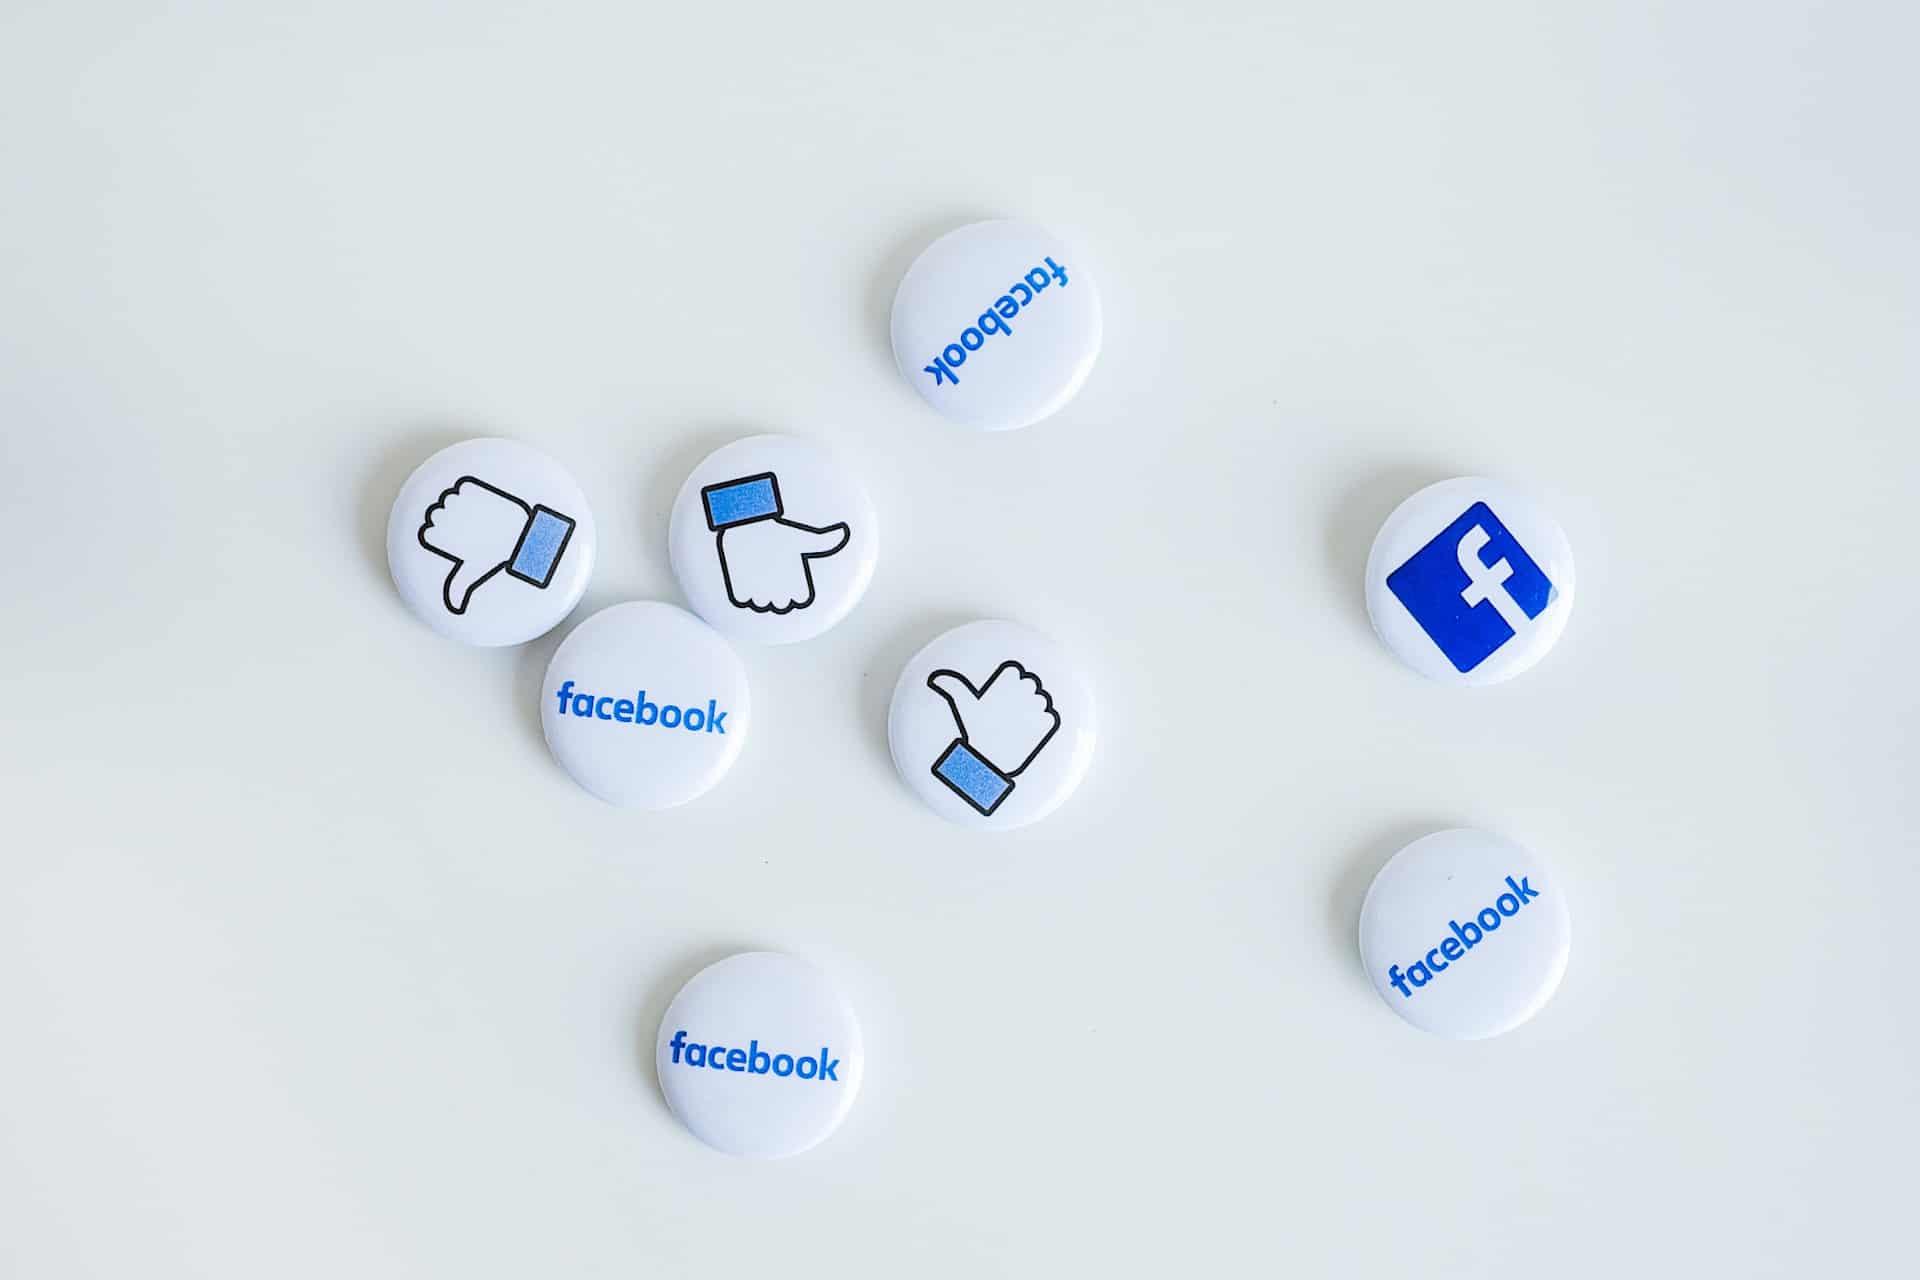 Contenu attractif sur Facebook